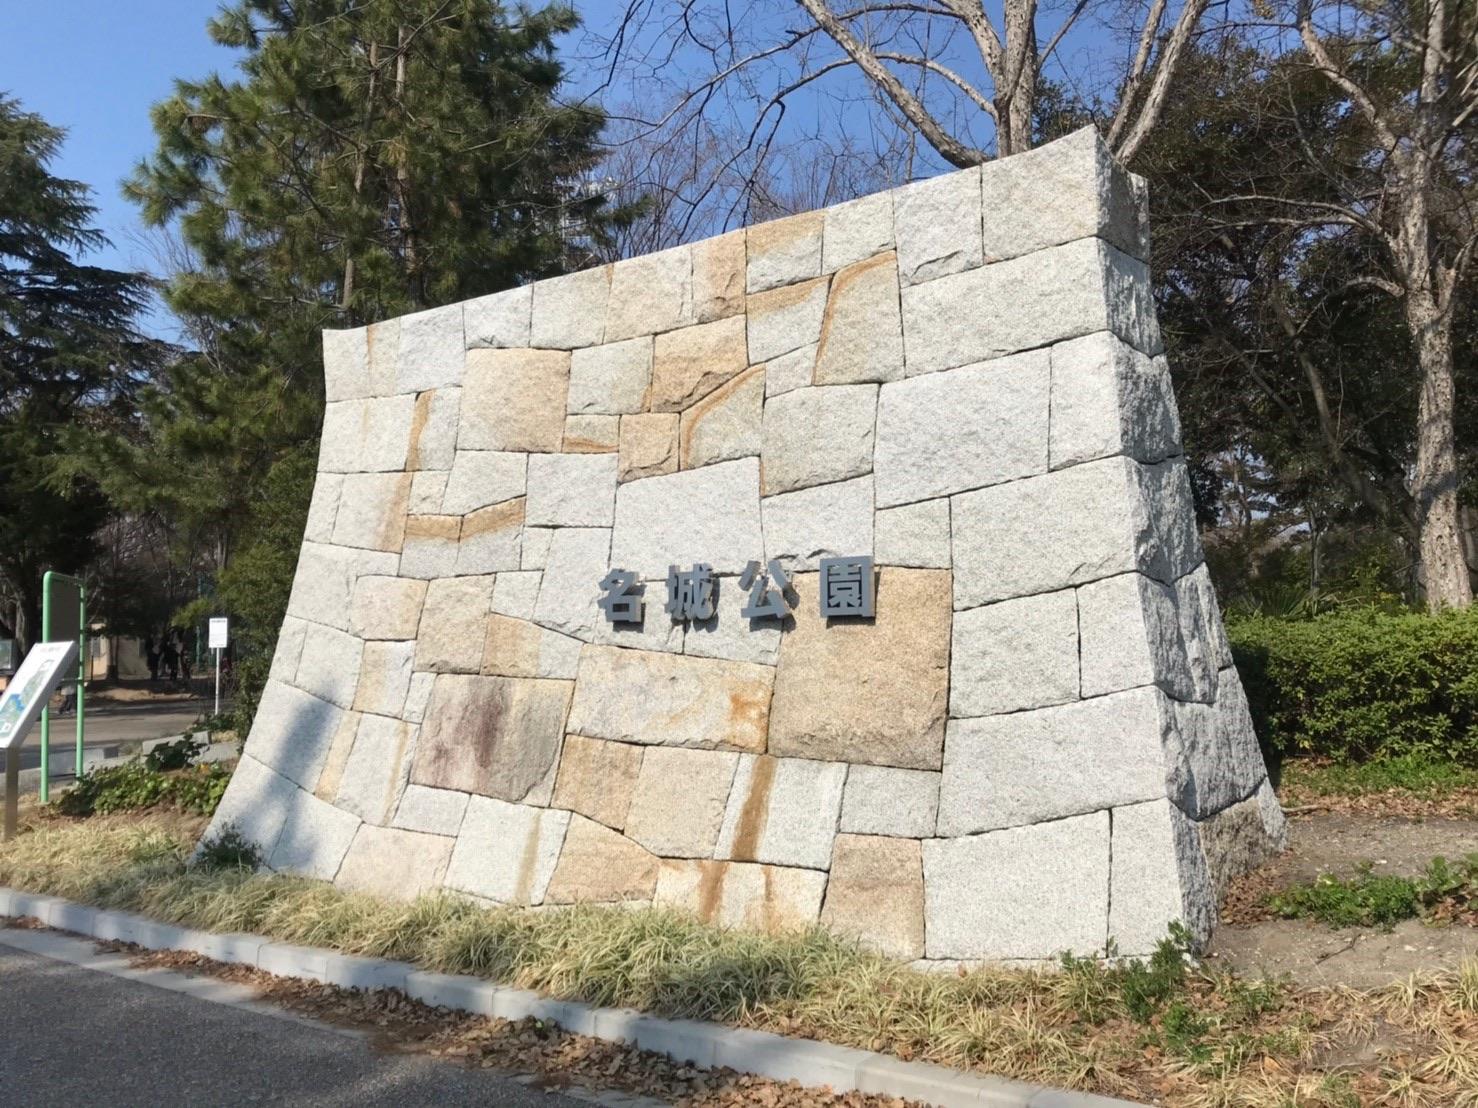 9:55、名城公園東側入り口の石垣付近に集合♪